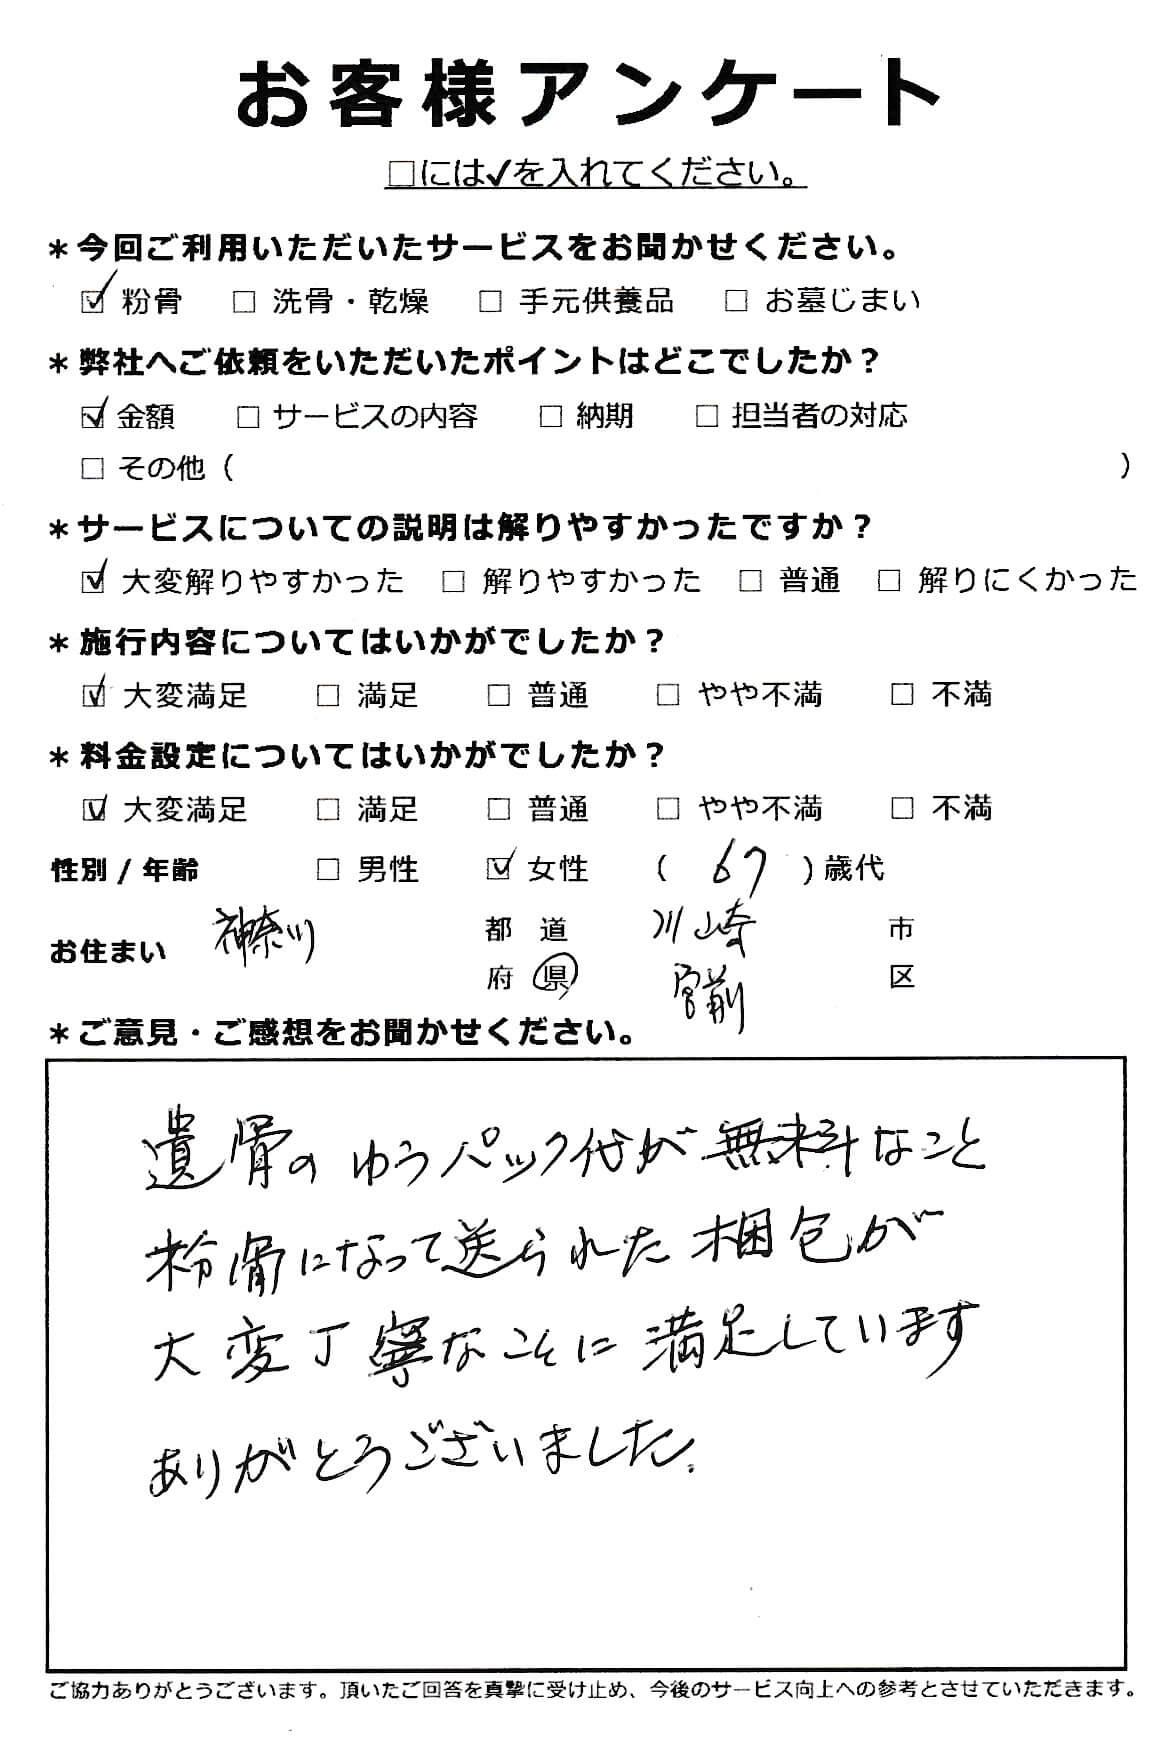 神奈川県川崎市での粉骨・洗骨サービス